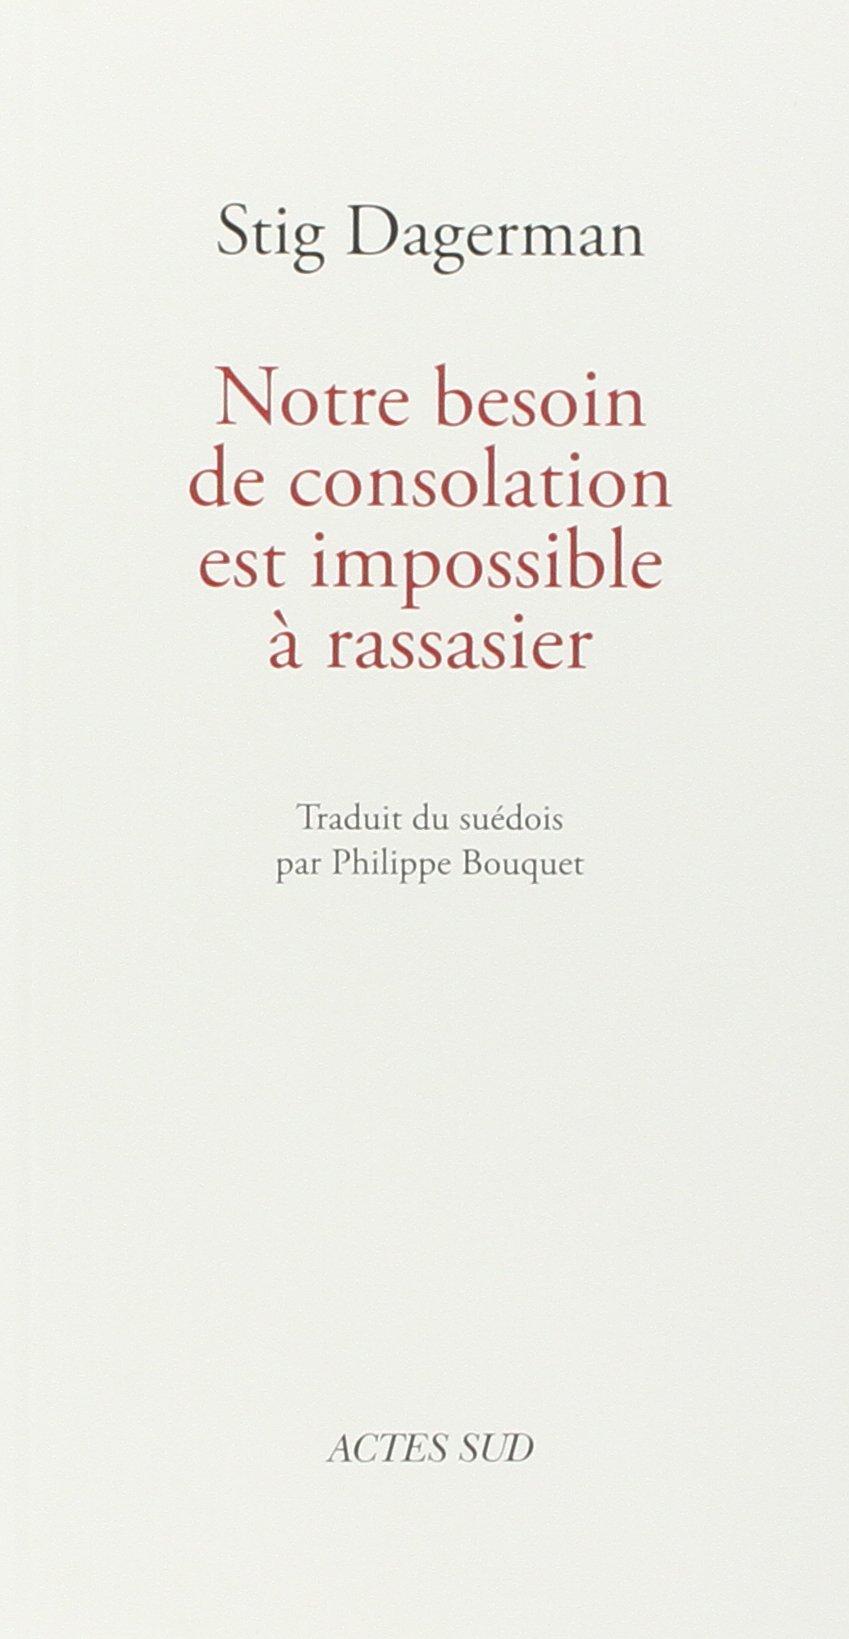 Stig Dagerman - Notre besoin de consolation est impossible à rassasier